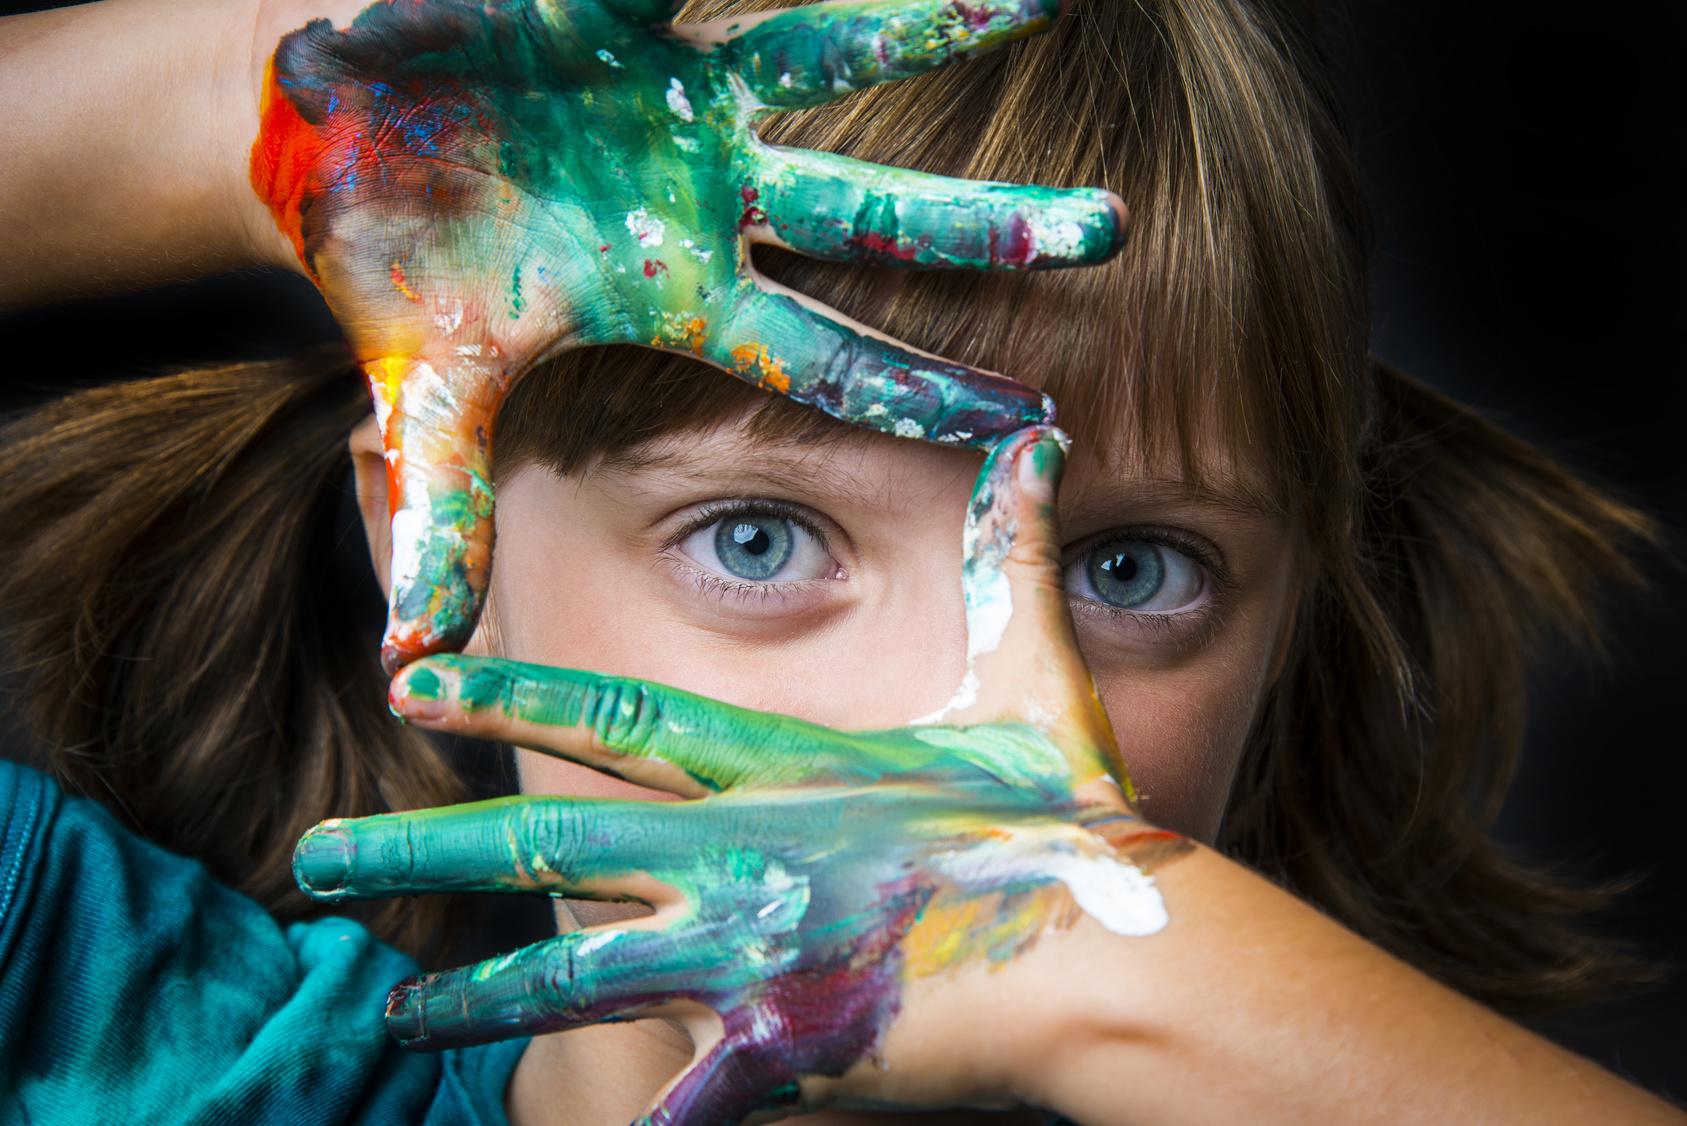 schulkind wasserfarben sudbury lernen schule